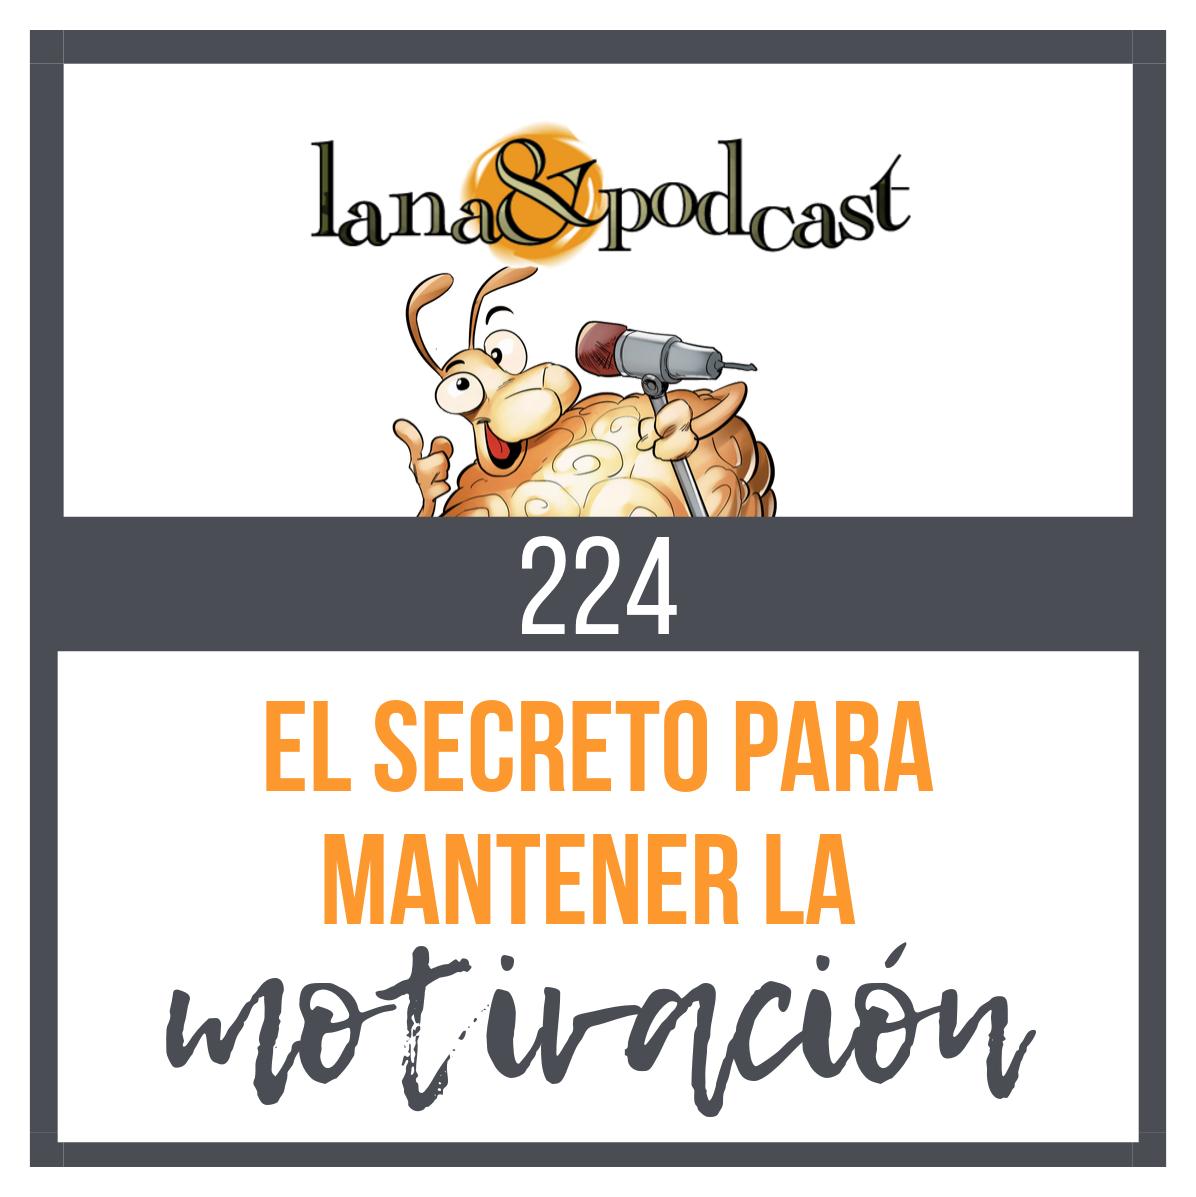 El secreto para mantener la motivación y 6 pasos concretos #224